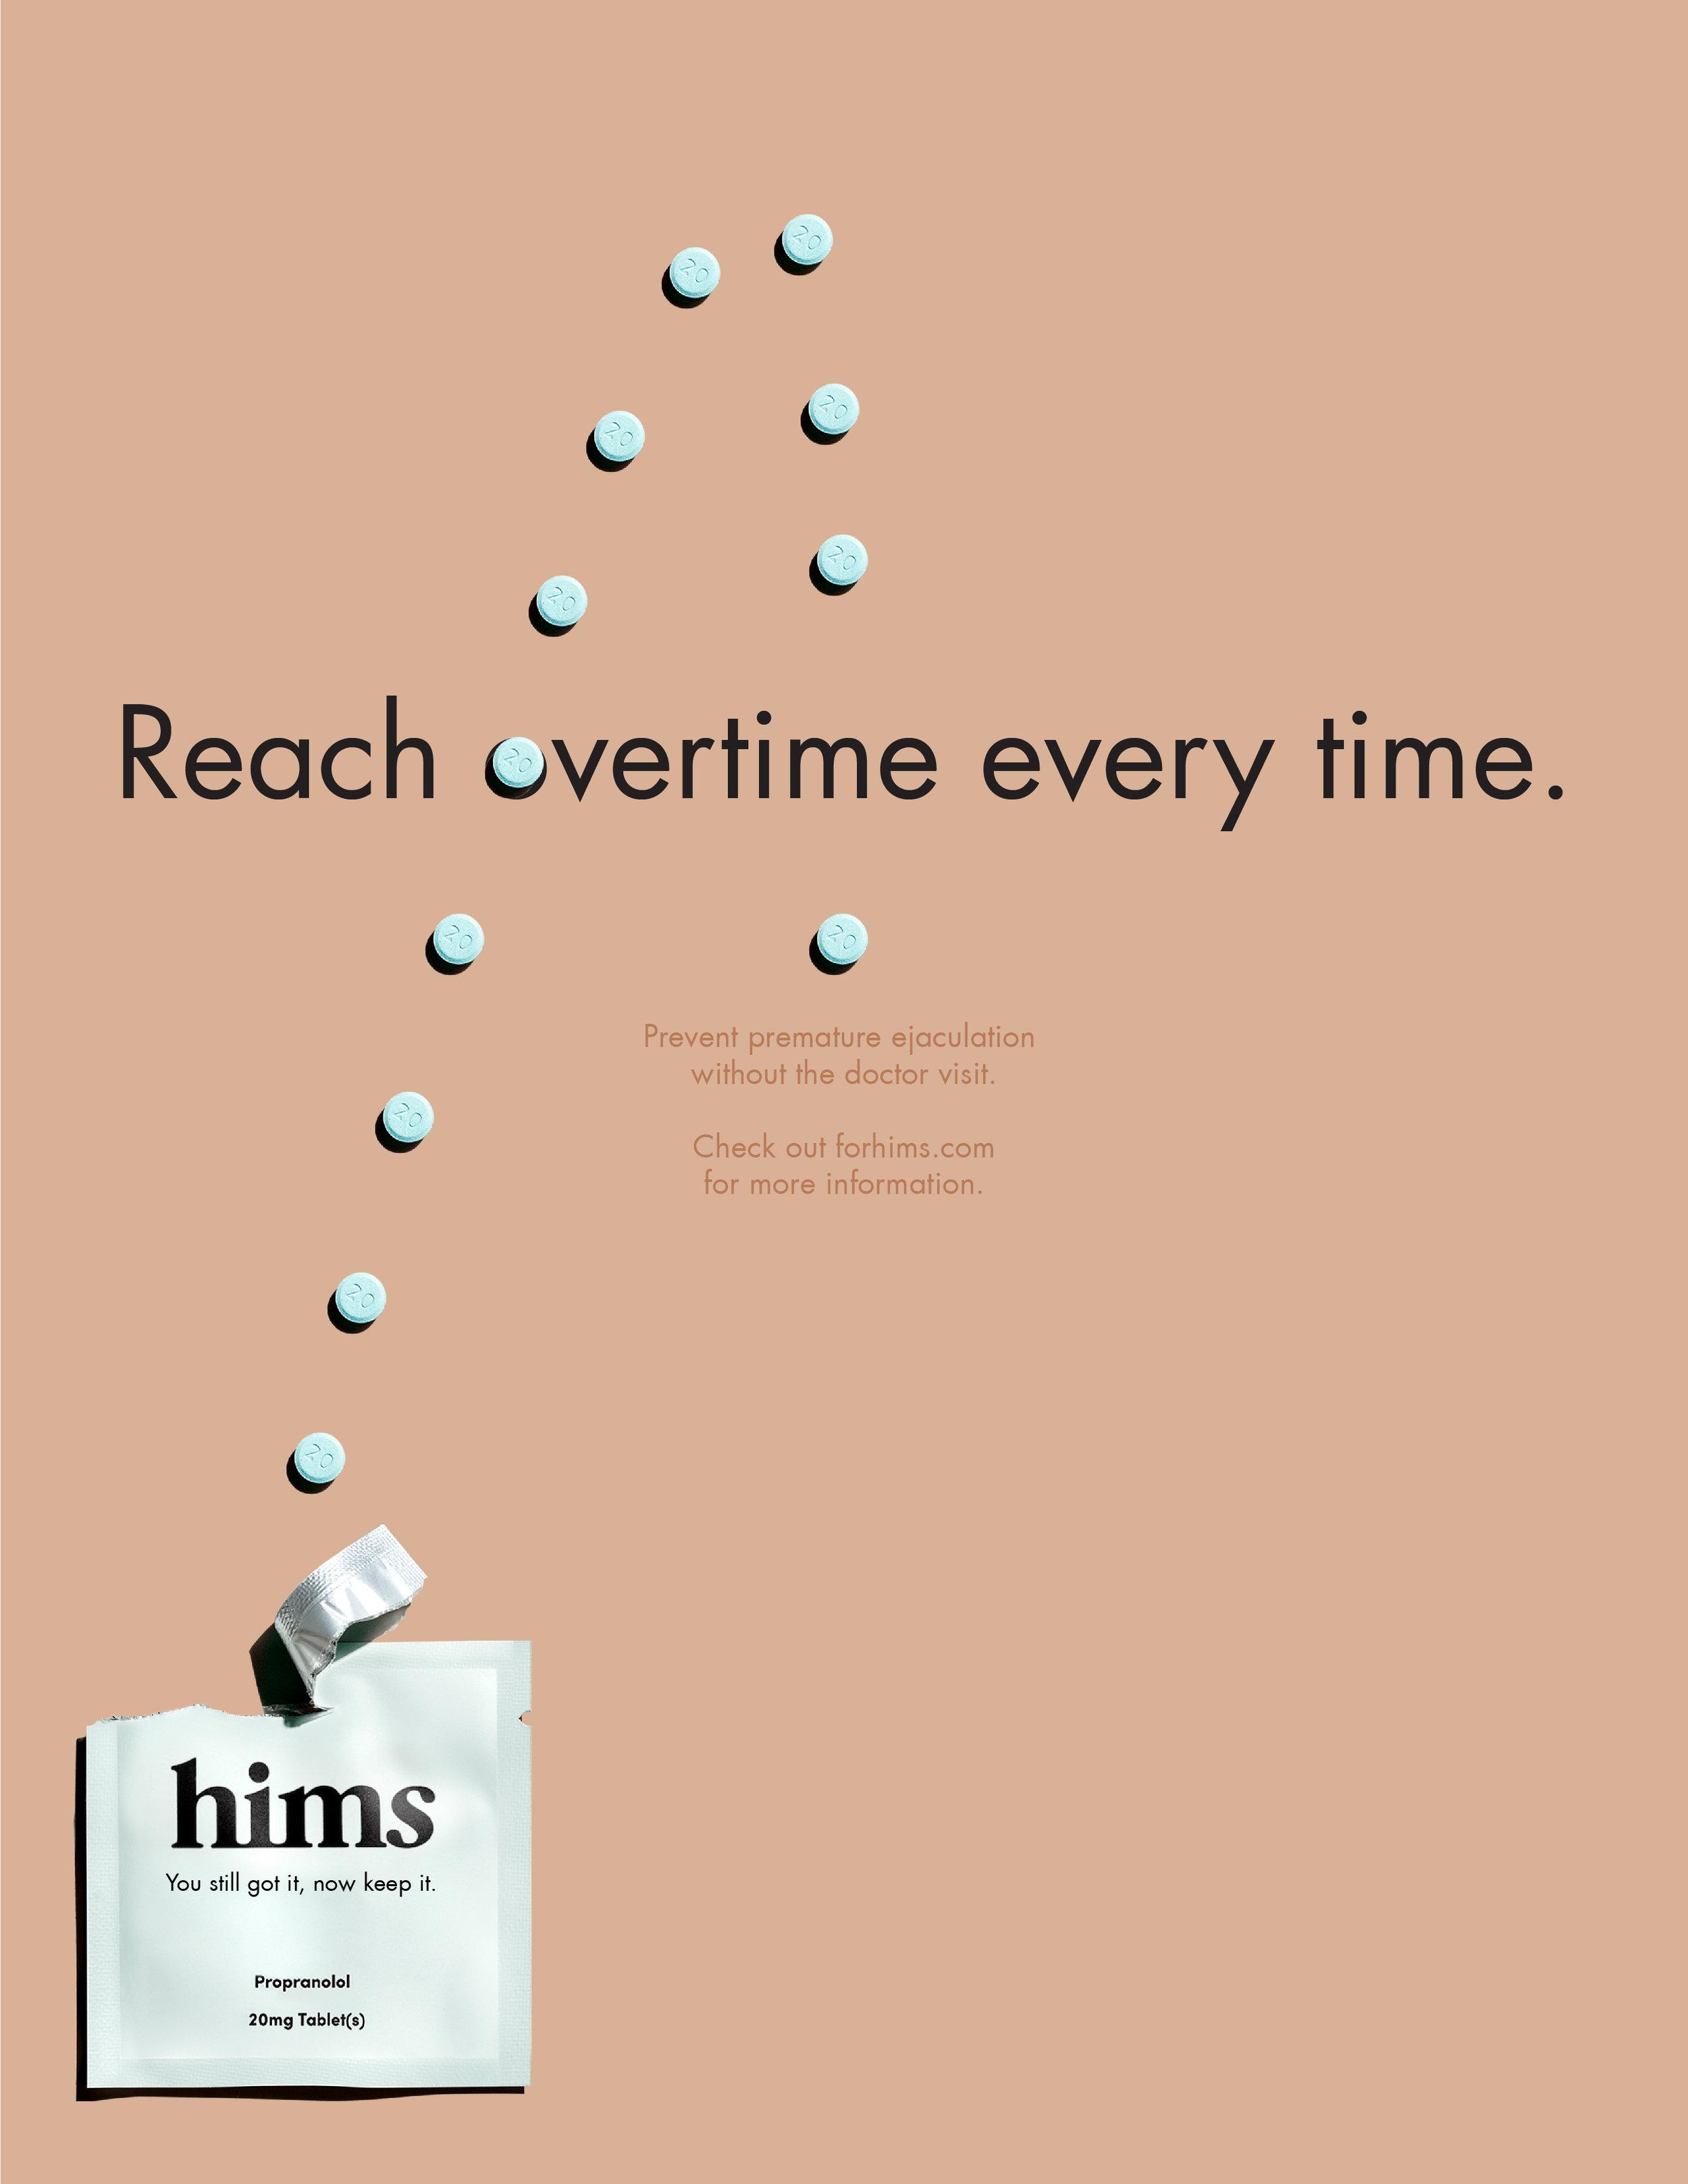 hims_printsV02-04.jpg